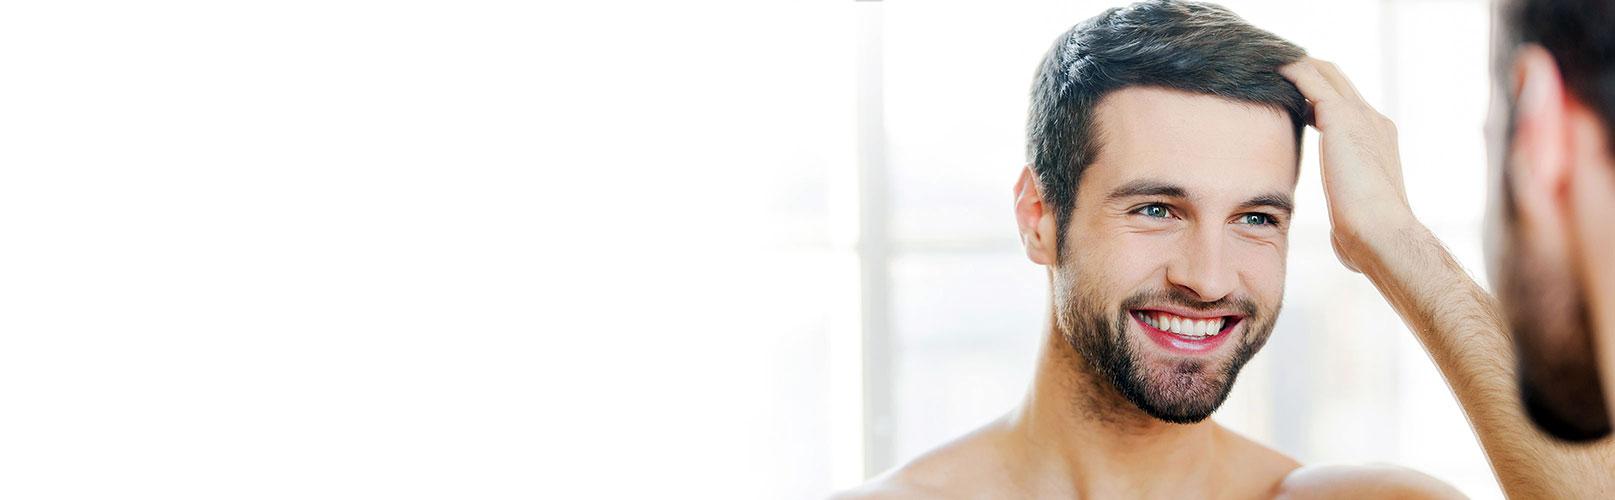 Les greffes de cheveux à Lyon - Chirurgie esthétique | Dr Corniglion